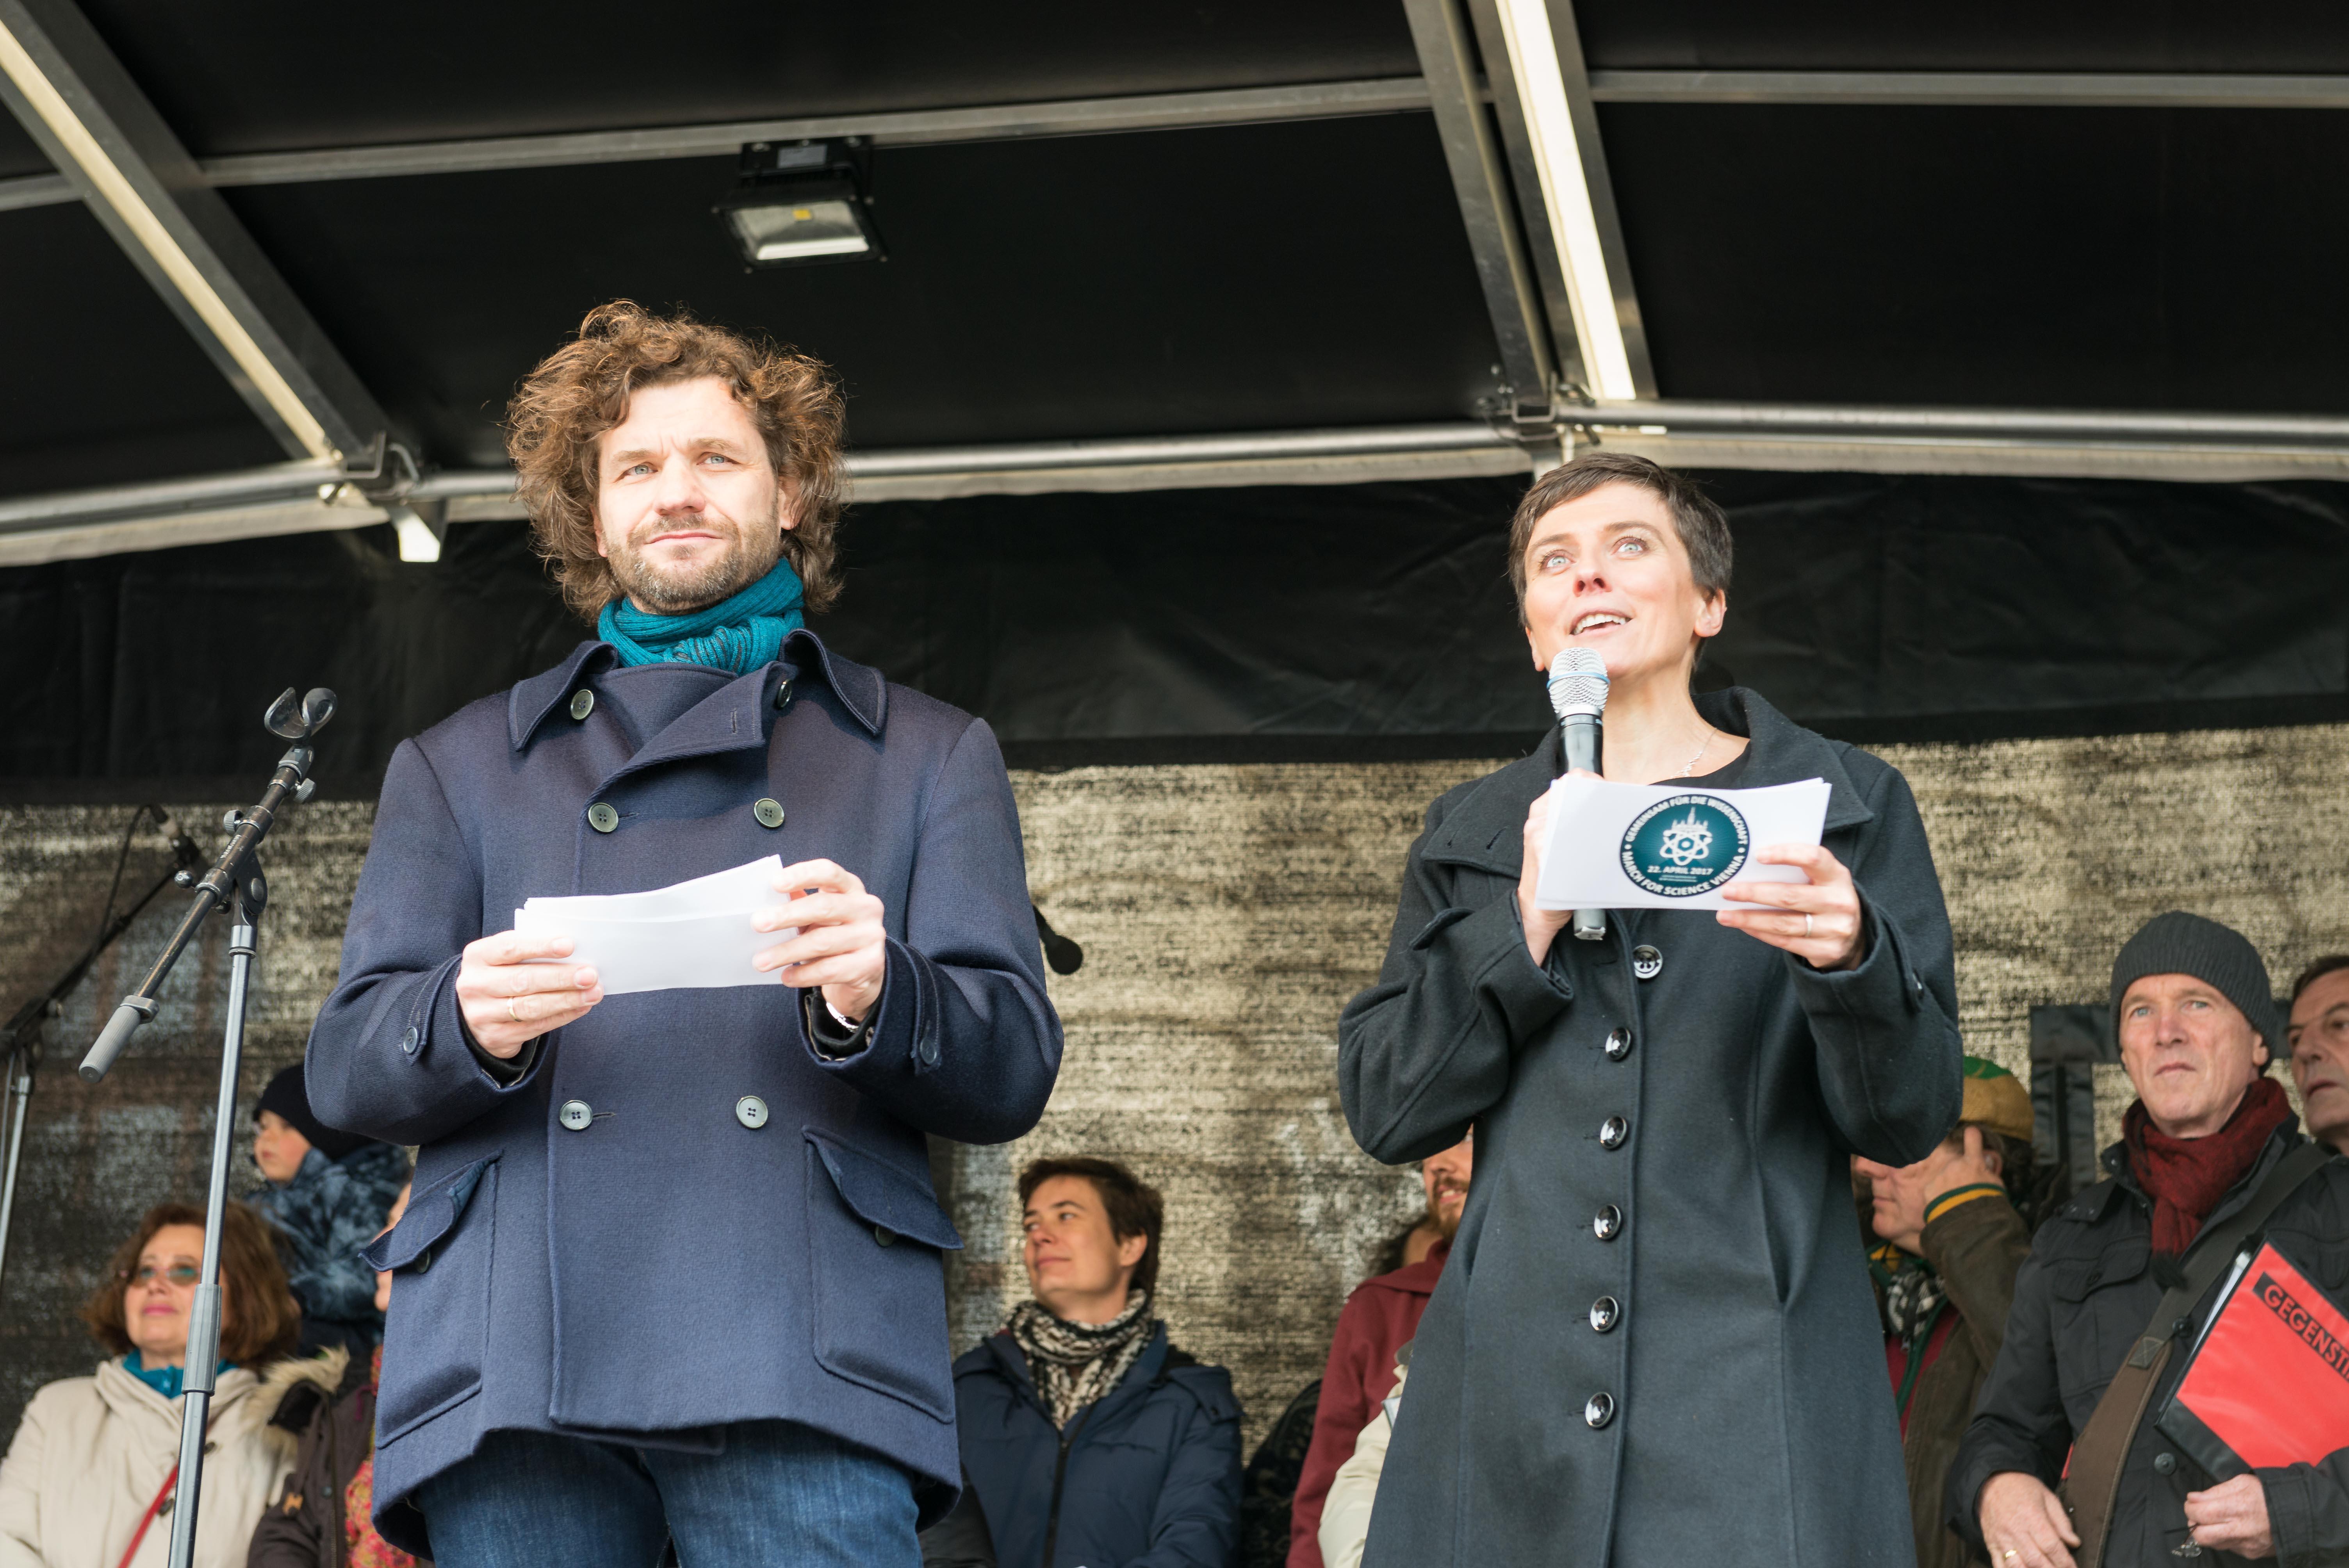 Science Busters Martin Puntigam und Elisabeth Oberzaucher moderierten die Abschlussveranstaltung des Vienna March for Science am 22. April 2017. Photo: © March for Science Vienna